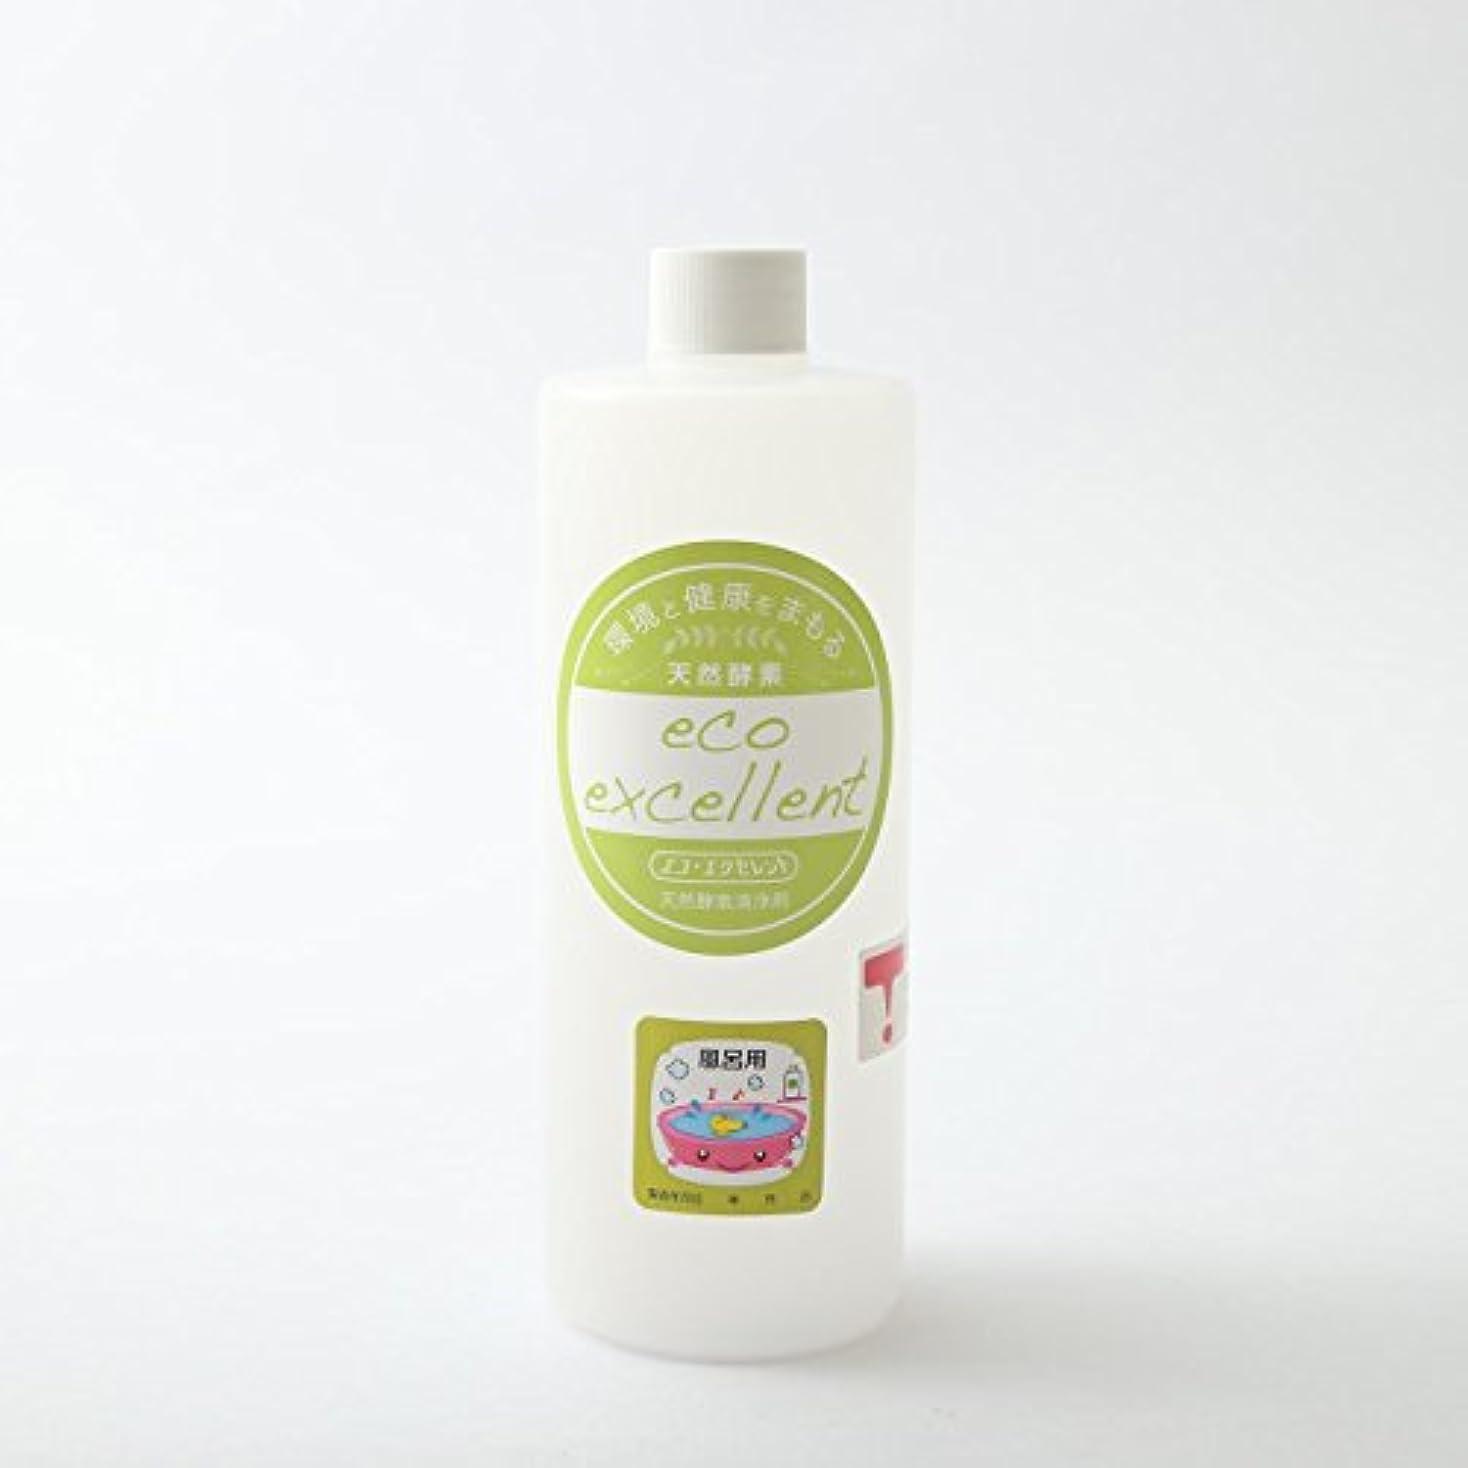 ドレイン篭移植天然酵素洗浄剤 エコエクセレント風呂用